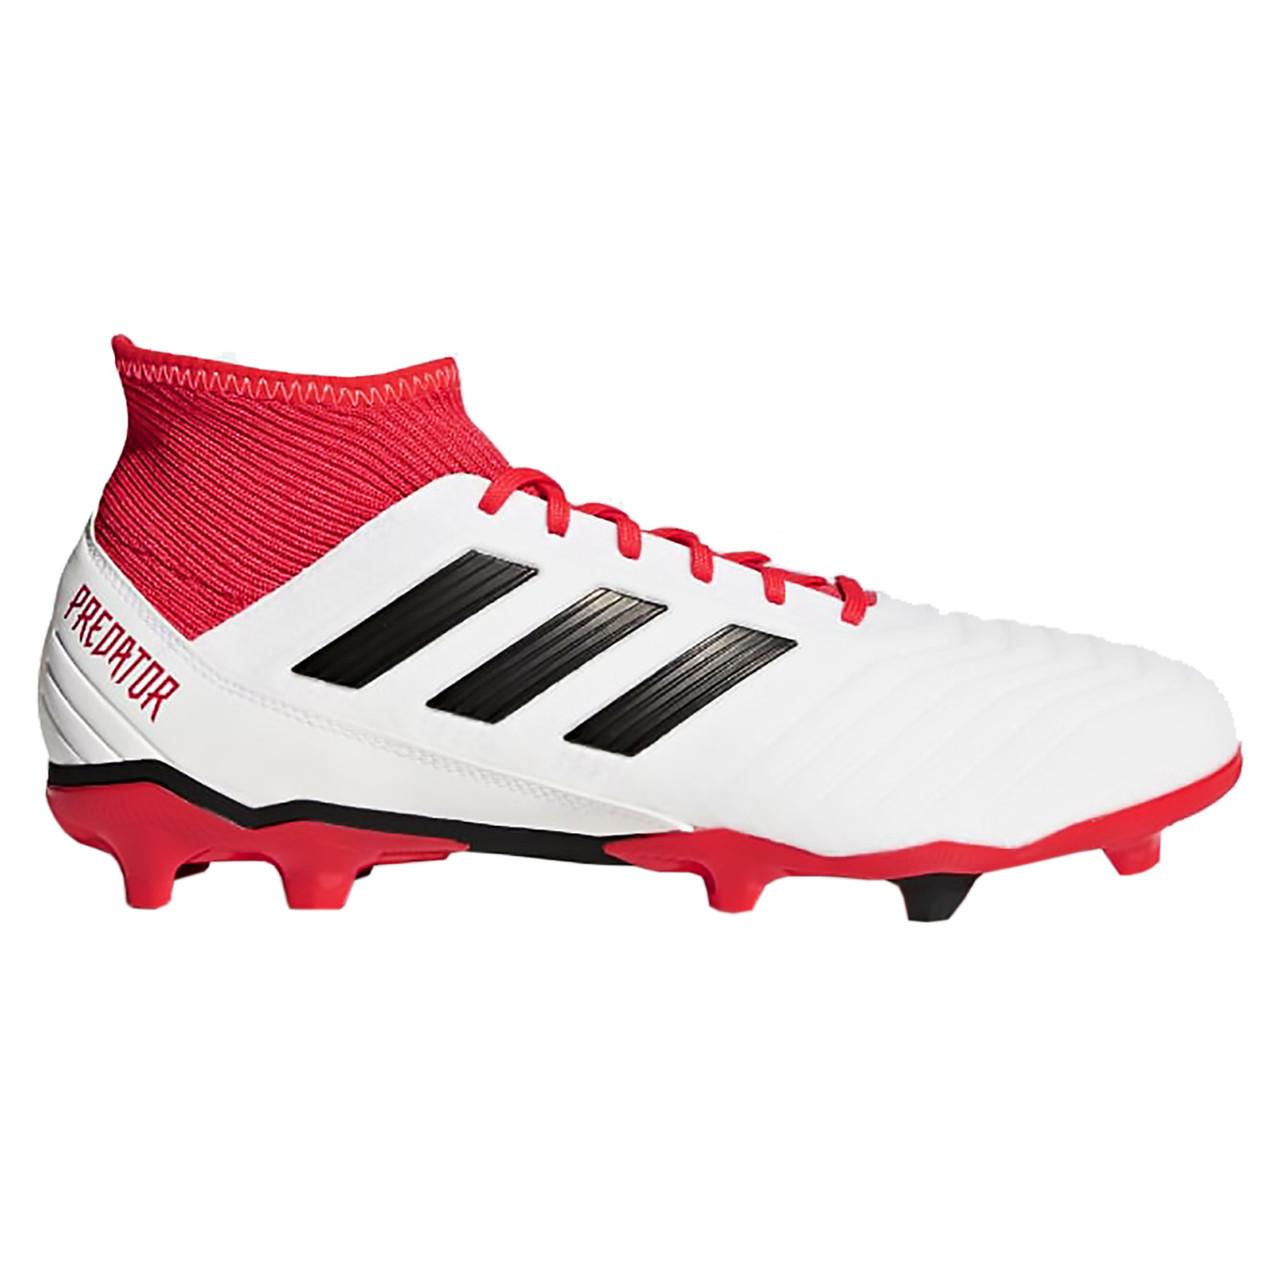 ddbcc78a652a Adidas Predator 18.3 FG Men s Soccer Cleats CM7667 ...